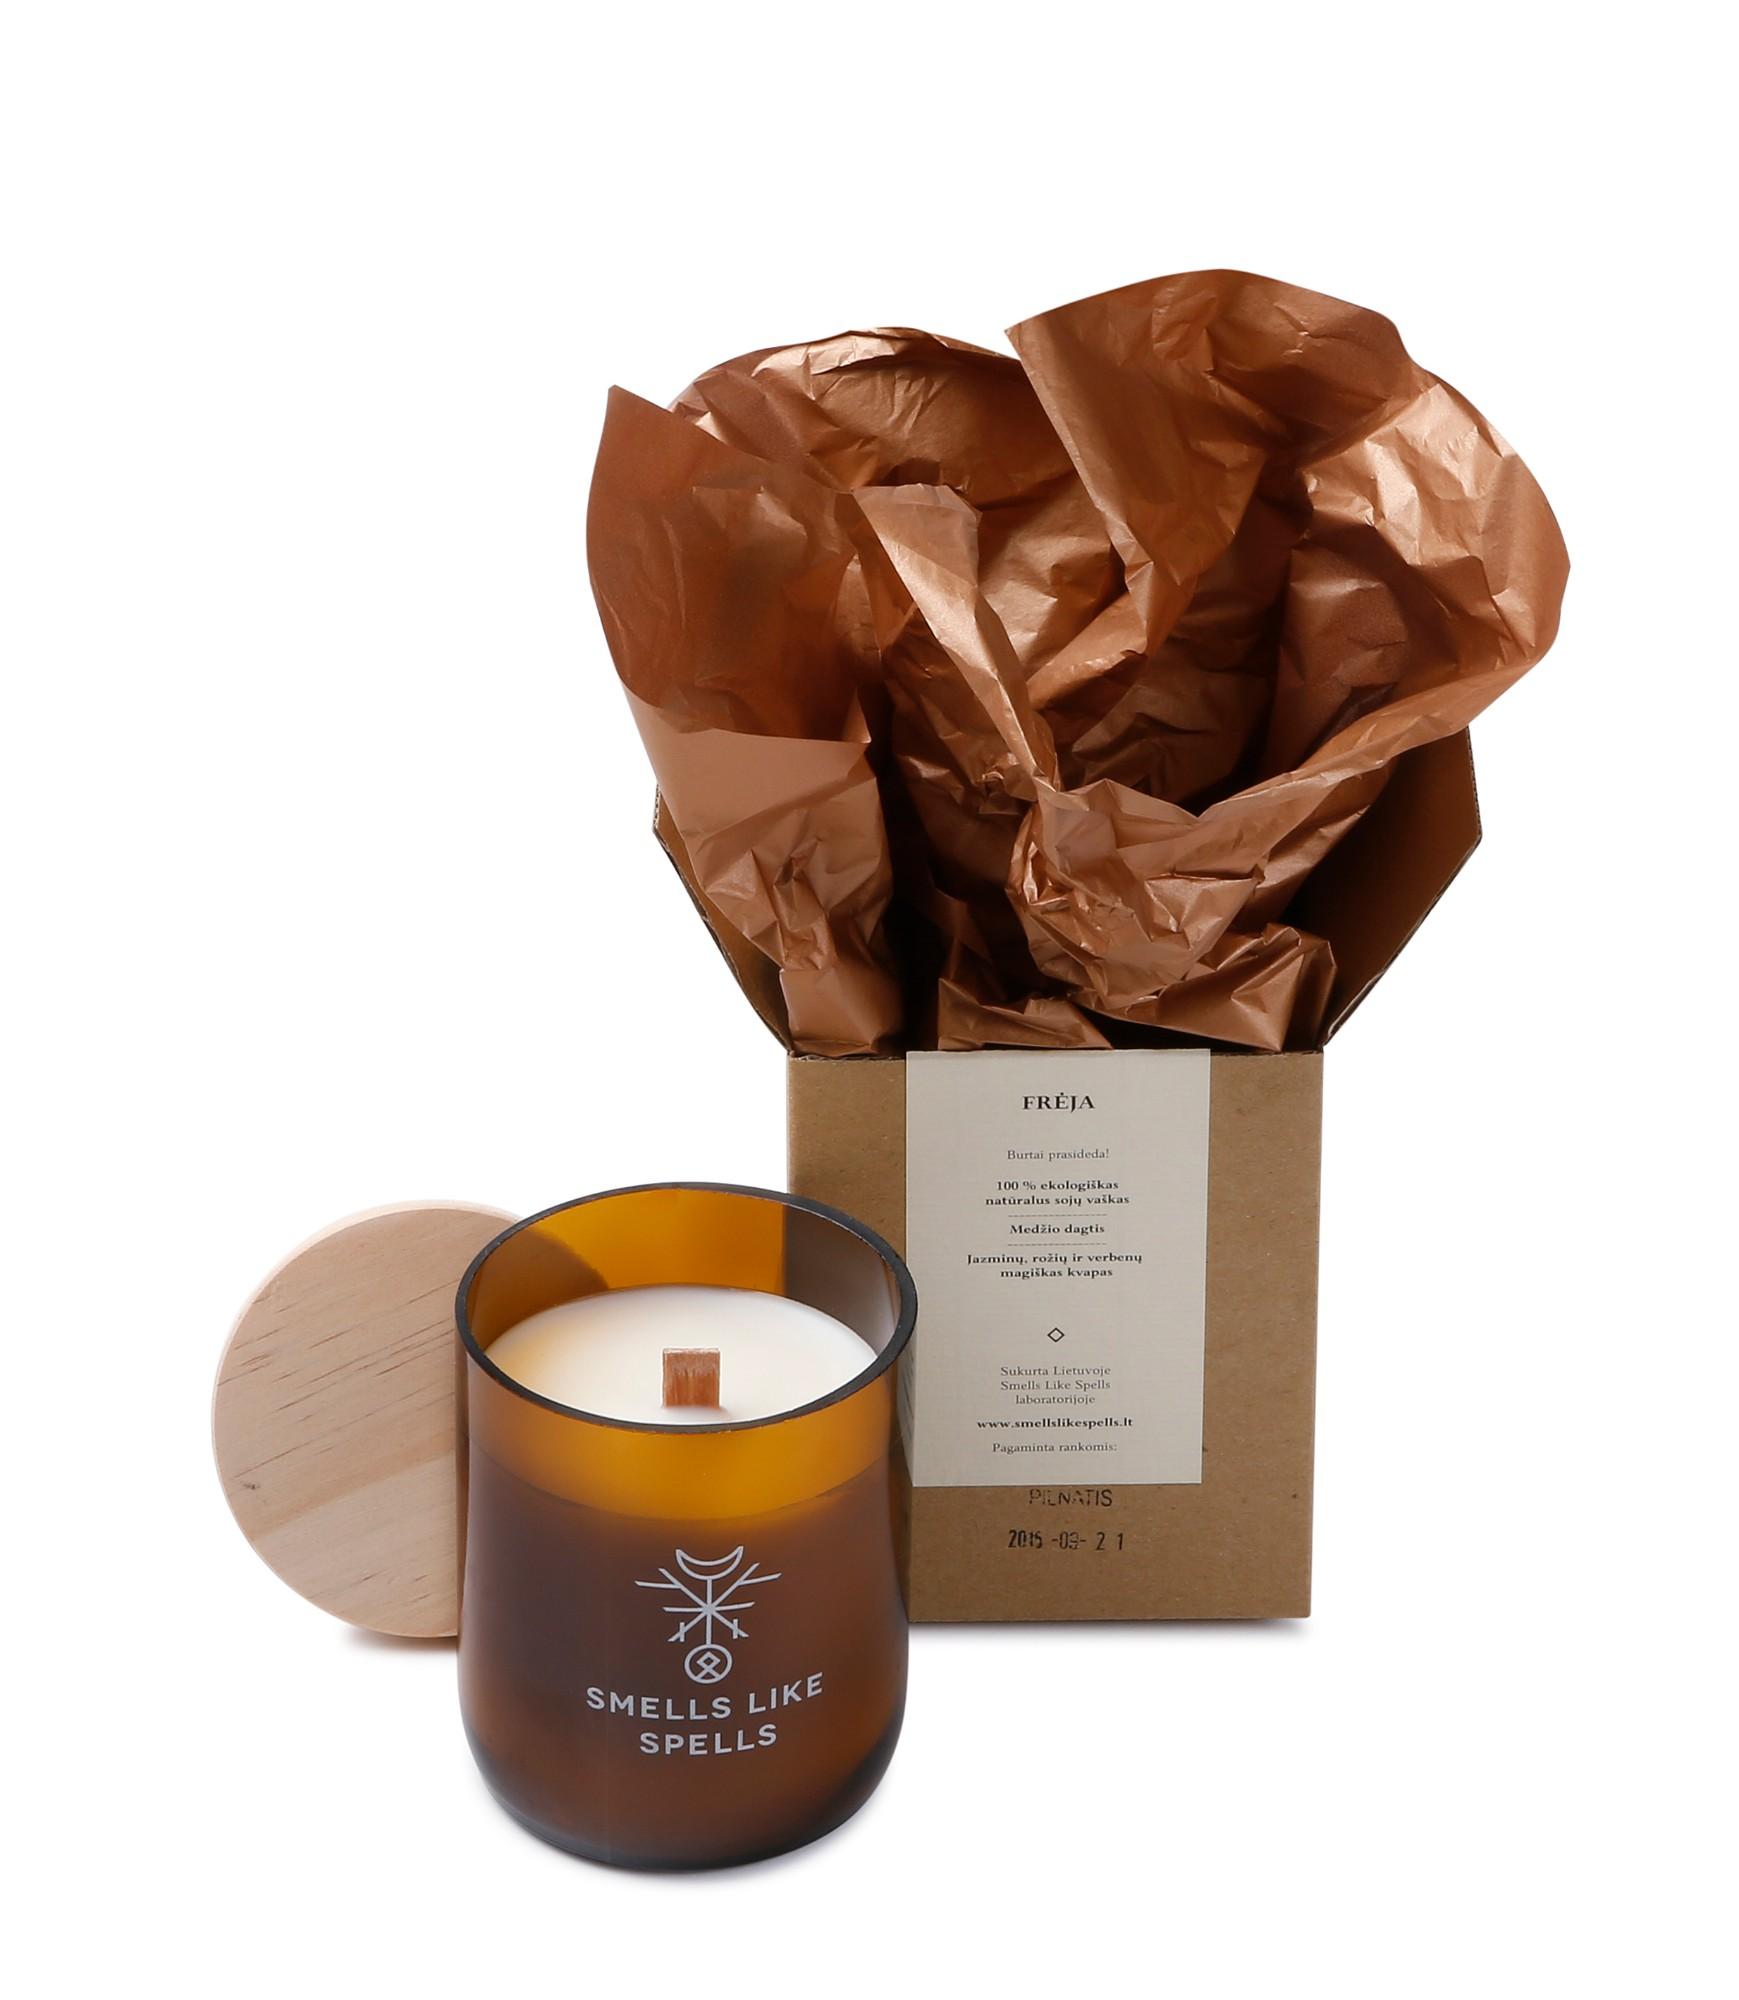 SMELLS LIKE SPELLS kvapioji žvakė FRĖJA (Rožių, verbenų ir jazminų magiškas kvapas)